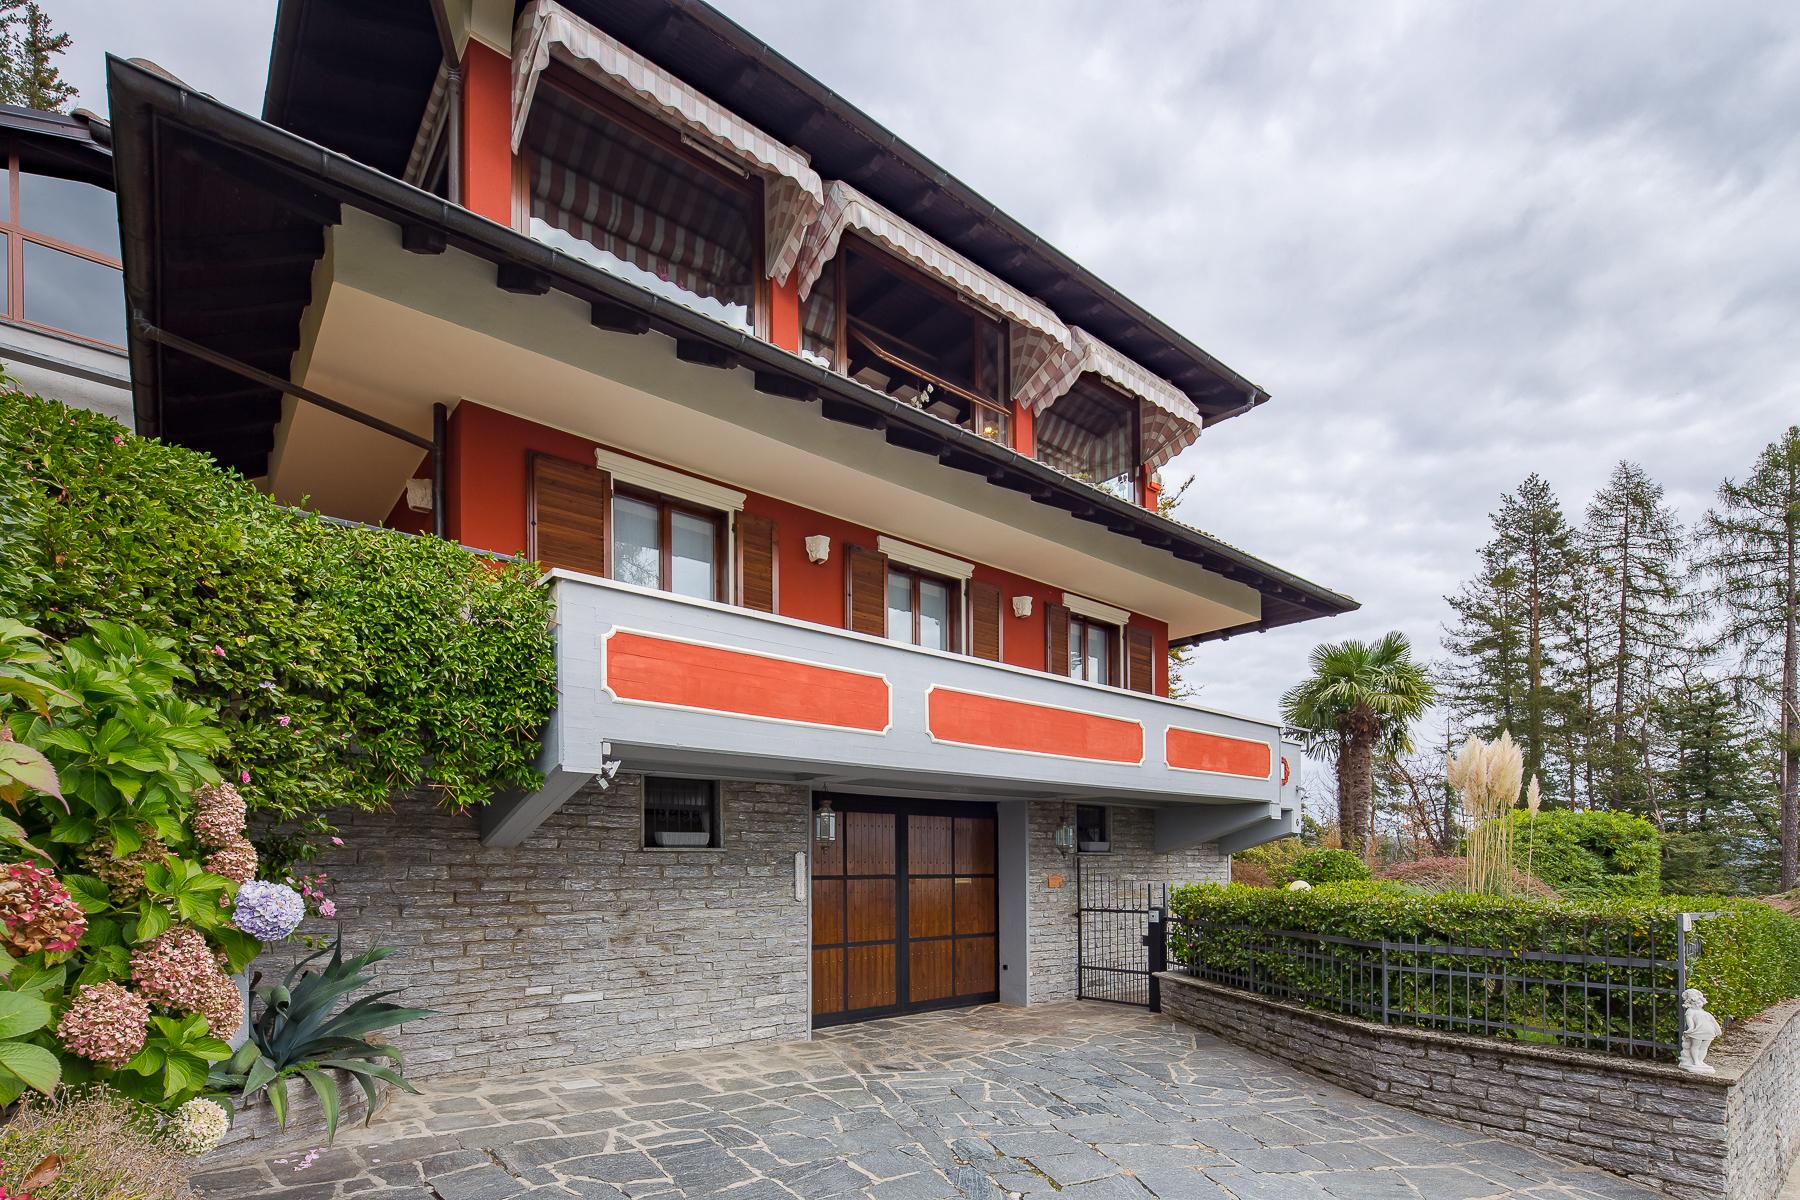 Villa in Vendita a Bee: 5 locali, 200 mq - Foto 11